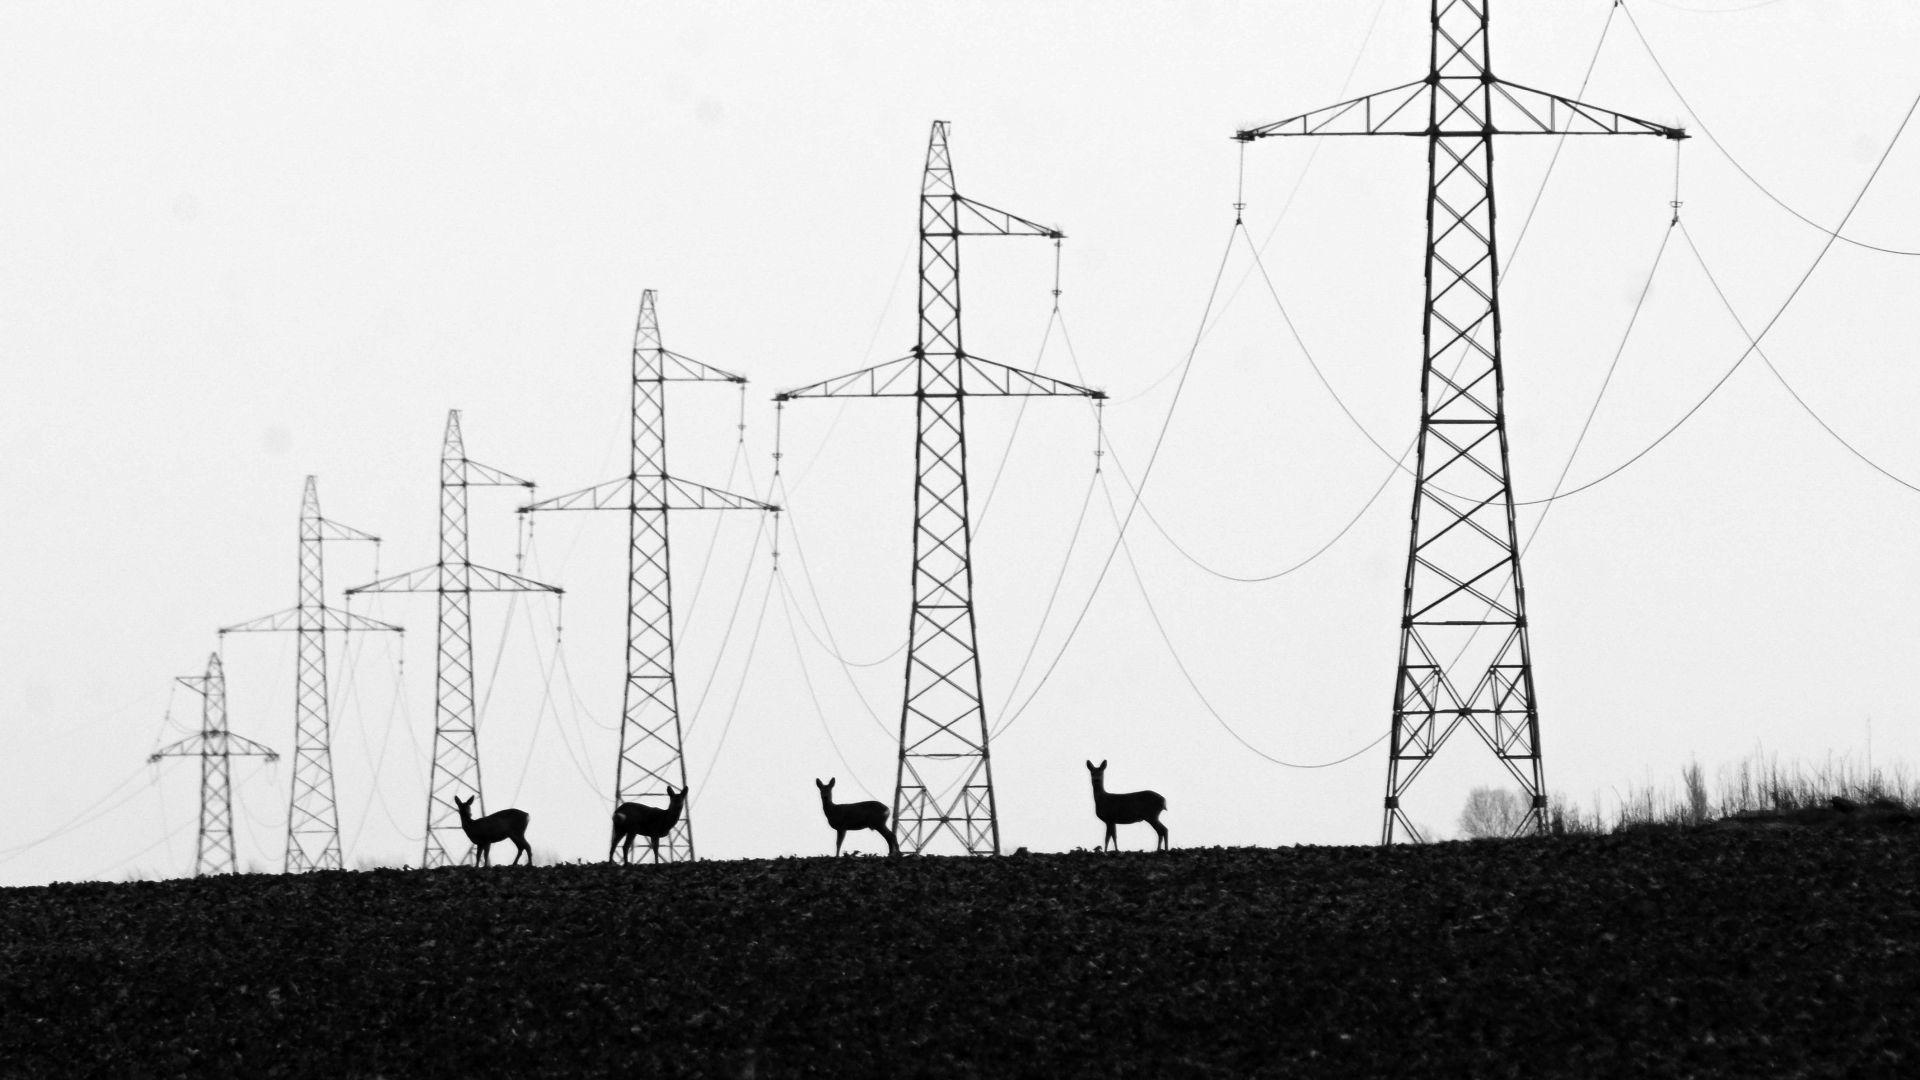 Fotó: Lakatos János: Felvillanyozva<br />Csongrád melletti elhúzódó magasfeszültségű áramvezeték alatt legelészett ez a pár őz. Első ránézésre nem volt valami nagyon érdekes, de mivel sétáltam tovább, egyre jobbnak tűntek az arányok.<br /><br />A fenntartható energiatermelés és a természet kapcsolata<br />1. díj